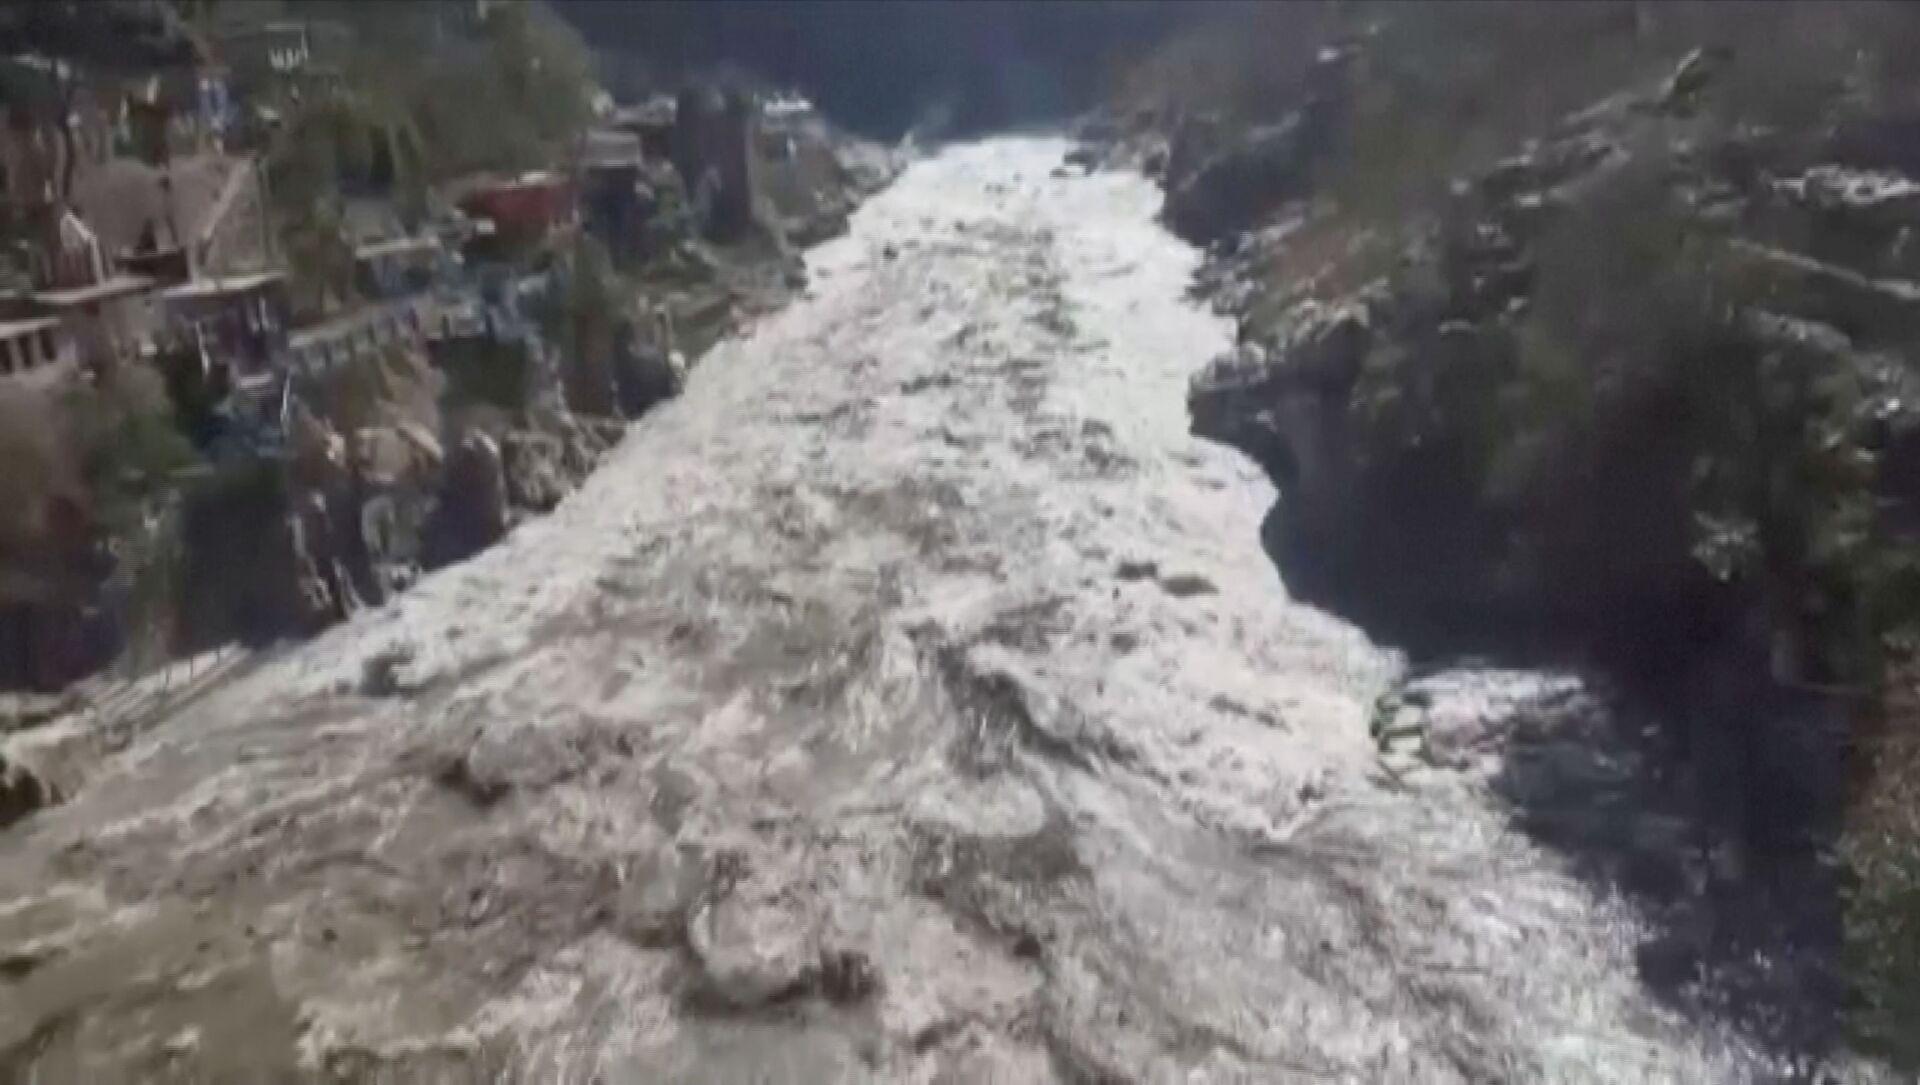 Hindistan'ınUttarakhand eyaletinin Chamoli bölgesinde buzul kopması sonucu meydana gelen heyelan veAlaknanda ile Dhauliganga nehirlerindeki taşma, binlerce kişinin tahliyesine yol açtı. - Sputnik Türkiye, 1920, 07.02.2021